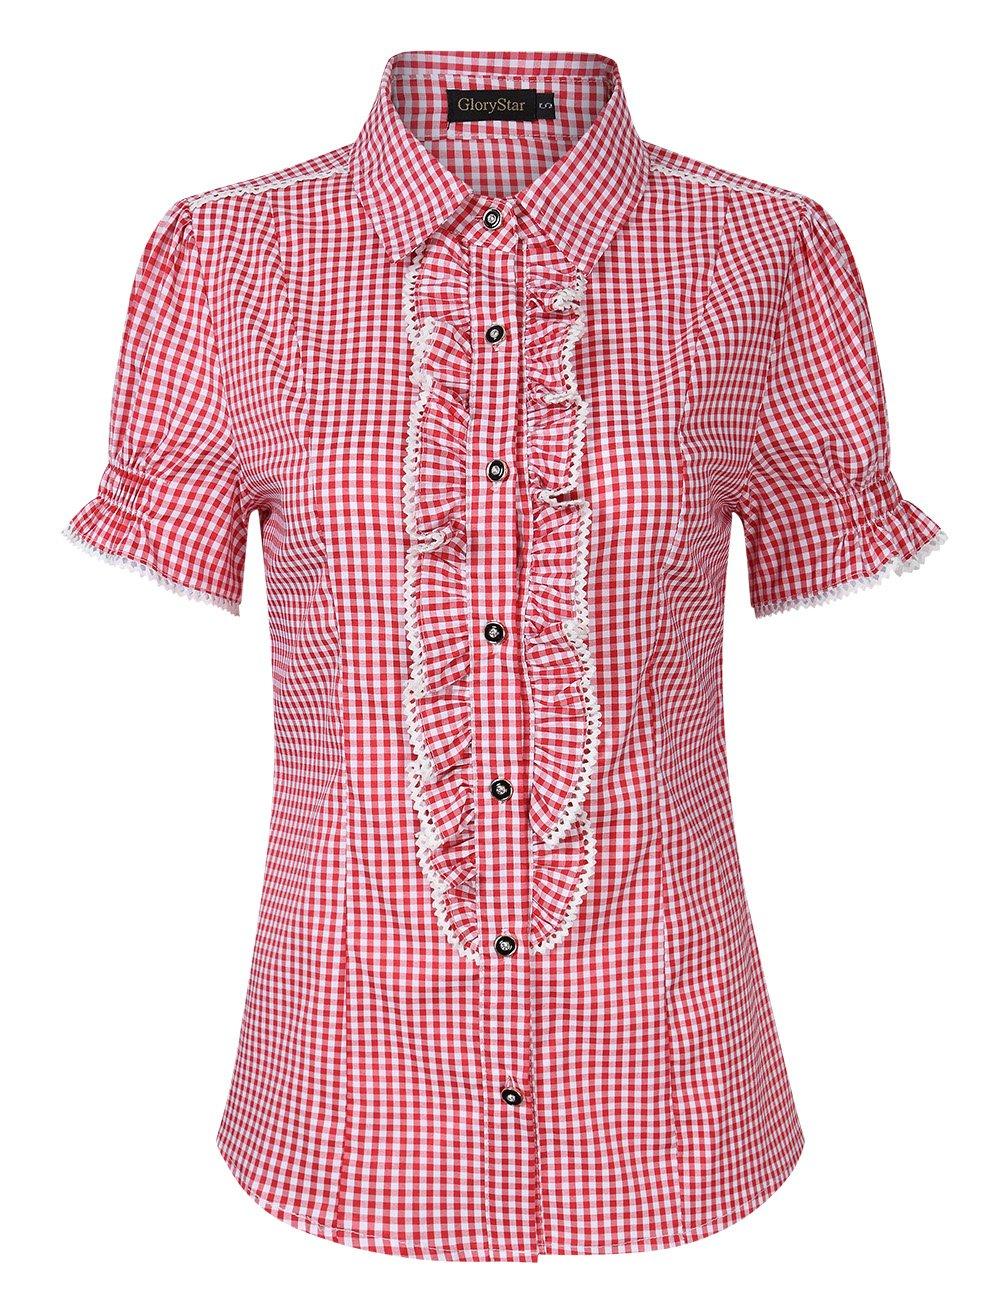 GloryStar Women's Button Down Plaid Shirt Traditional Bavarian Oktoberfest Shirt for Lederhosen Red 2XL